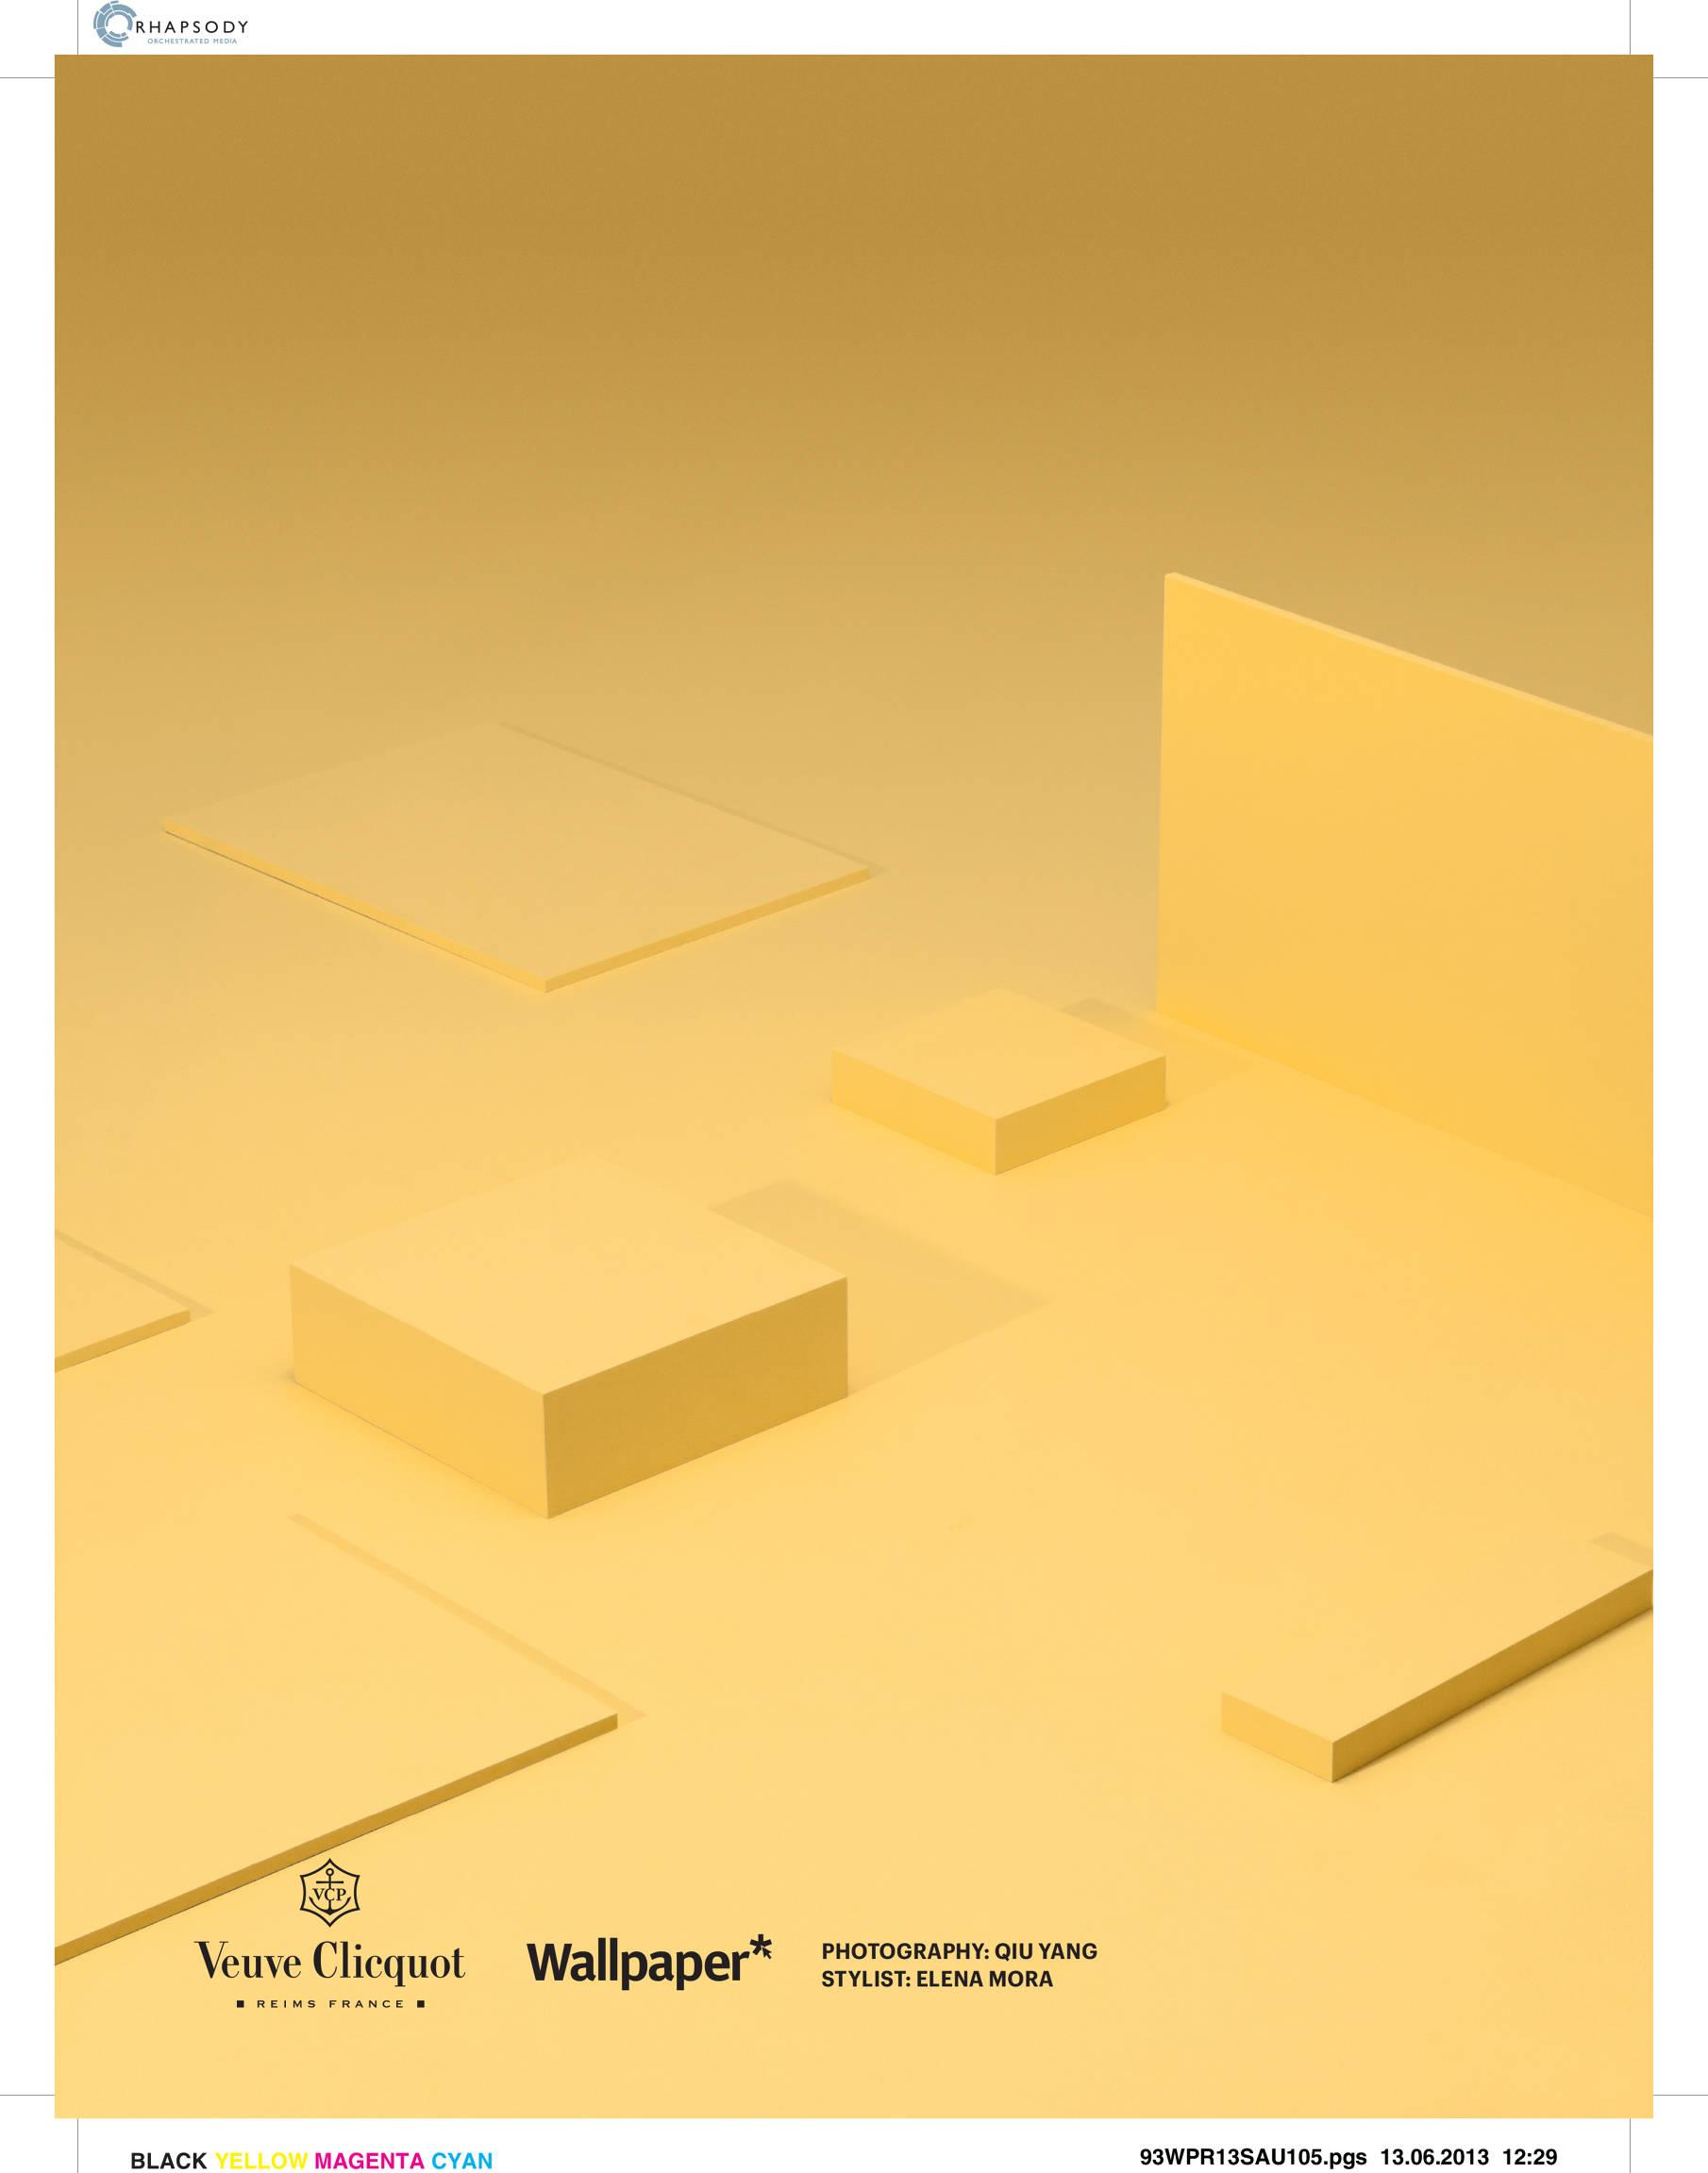 Wallpaper Veuve Clicquot Events Calendar Wwwali Morriscom